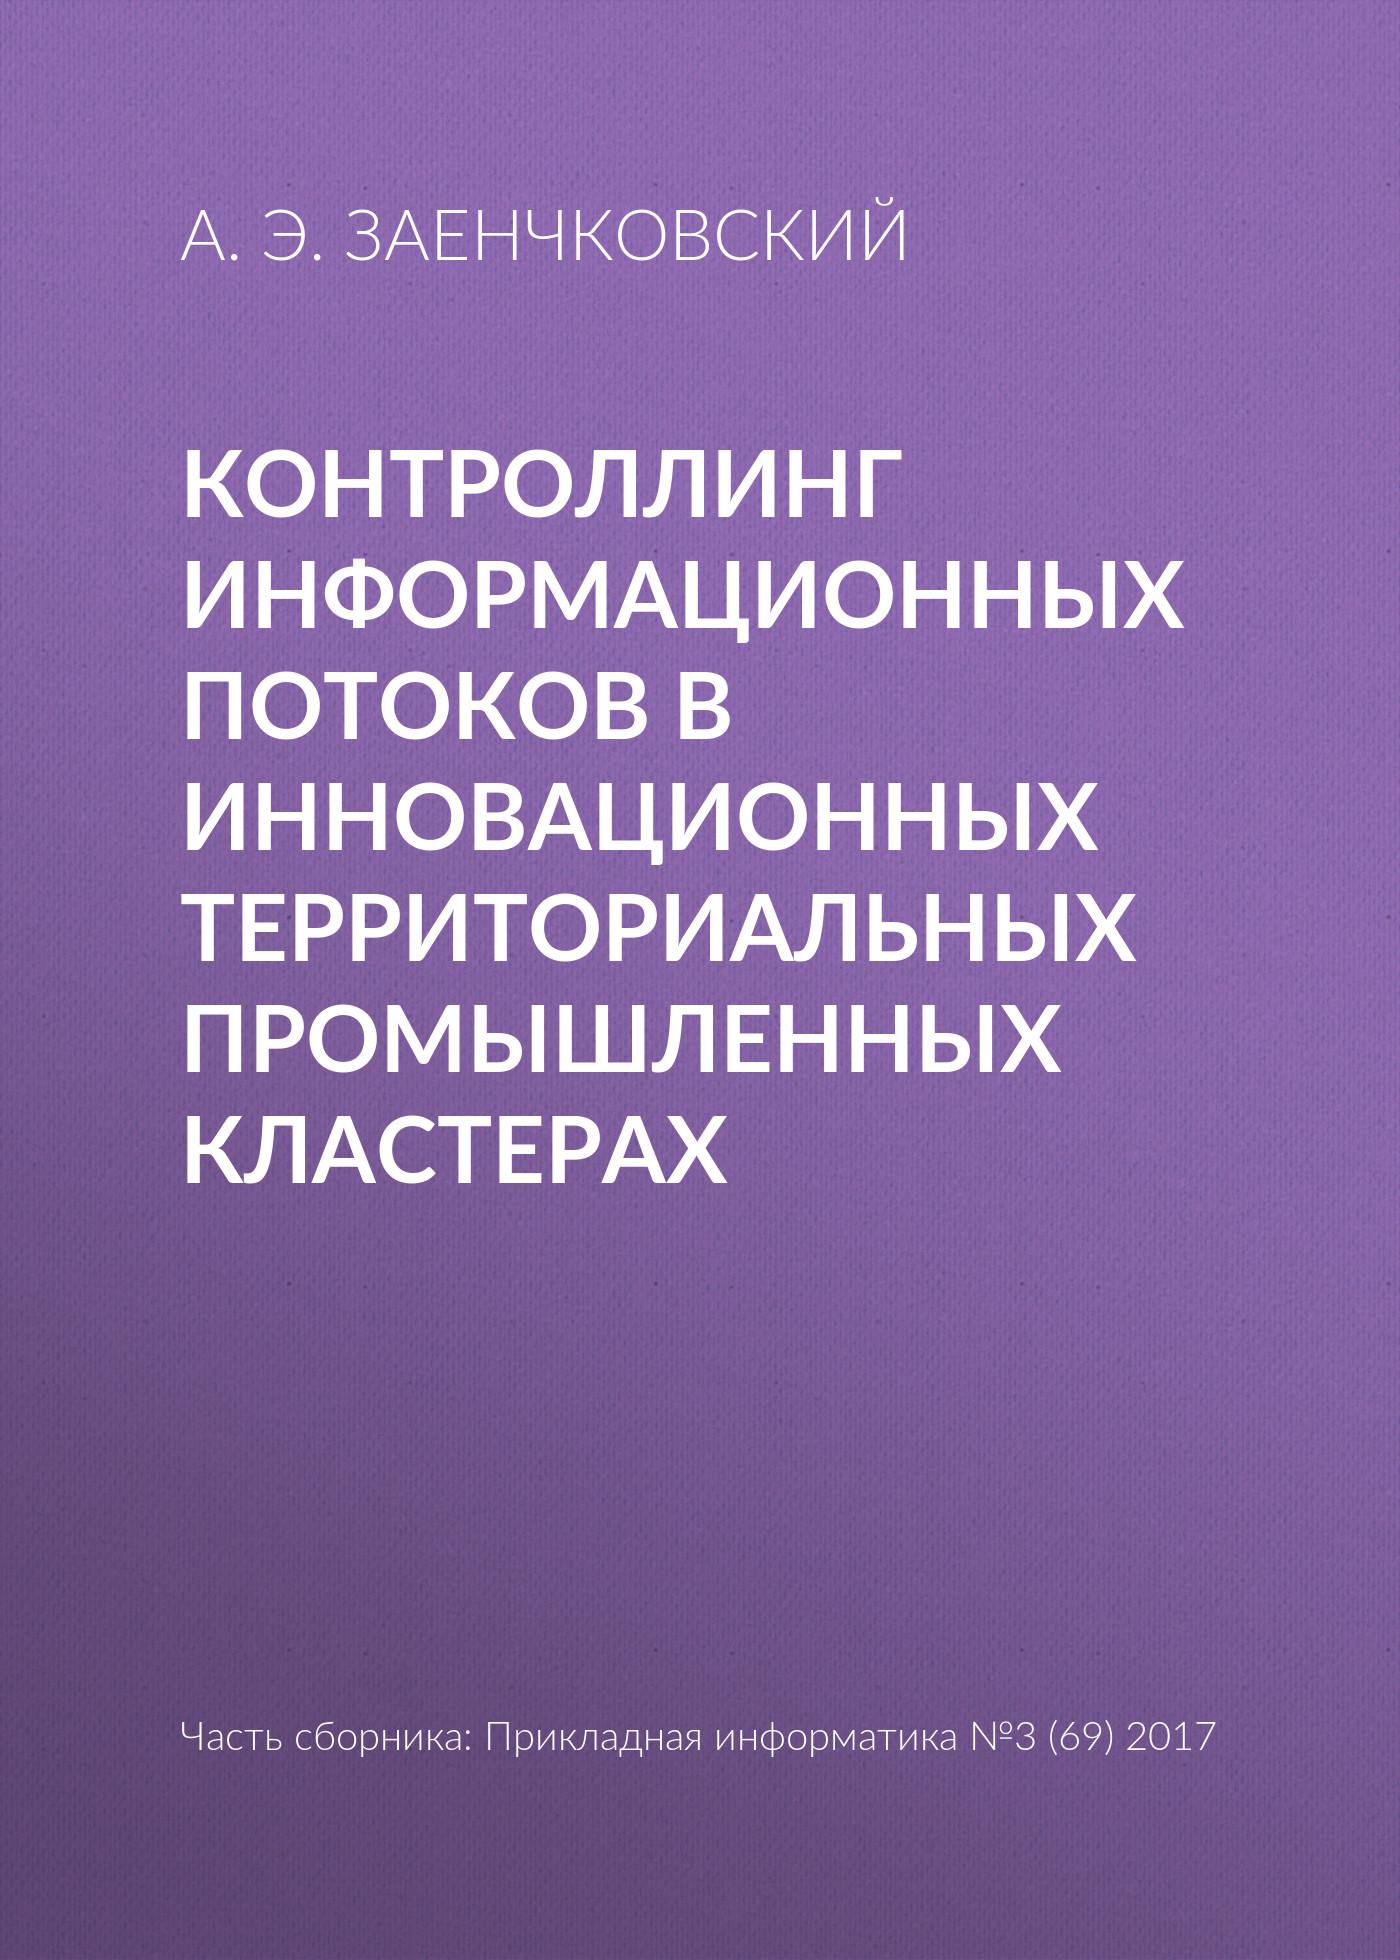 А. Э. Заенчковский Контроллинг информационных потоков в инновационных территориальных промышленных кластерах с м виноградов контроллинг в промышленных организациях инвестиционный аспект